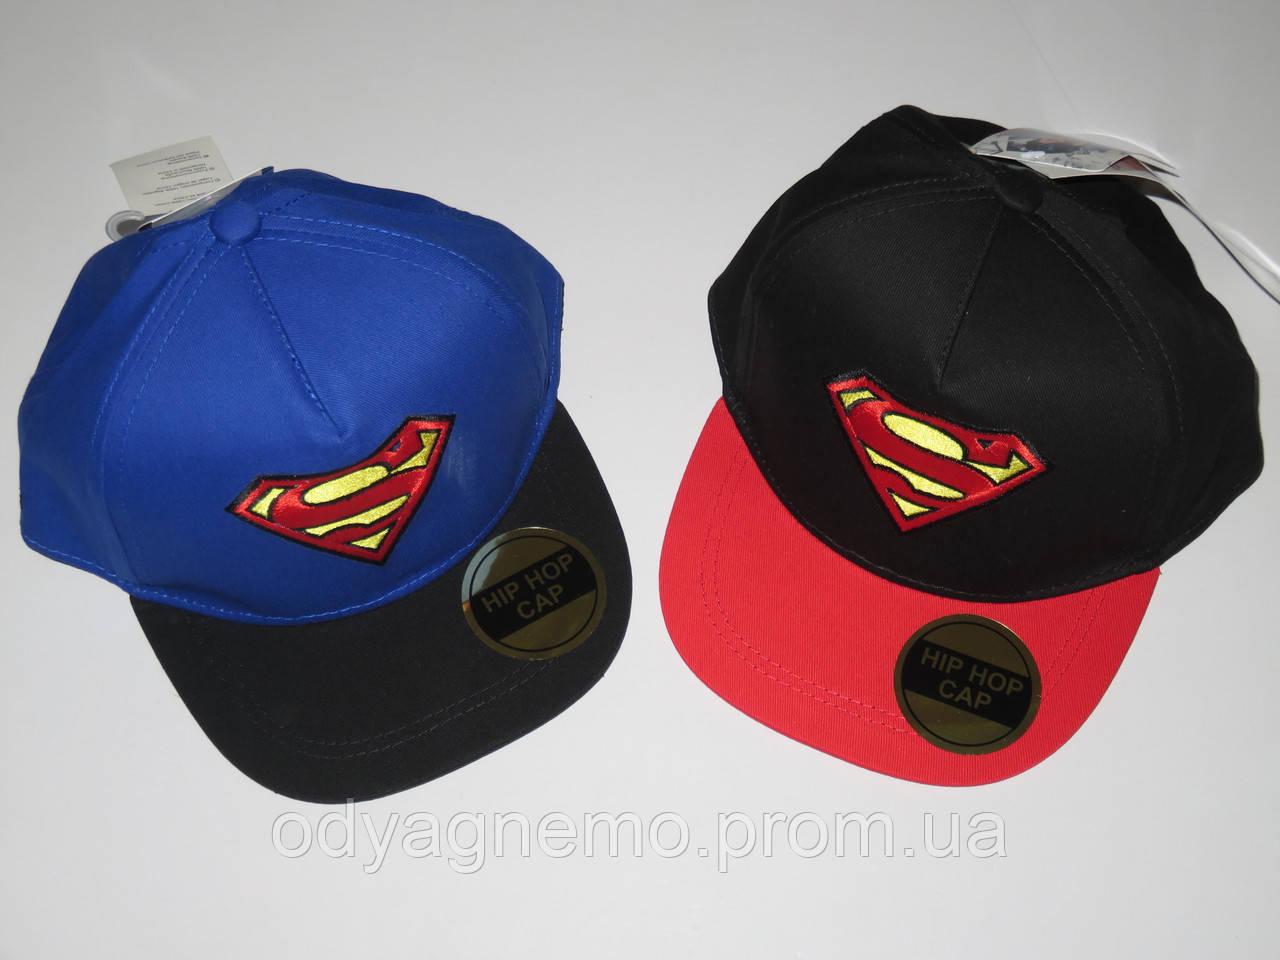 Кепки для мальчиков Superman оптом, 54-56 см.